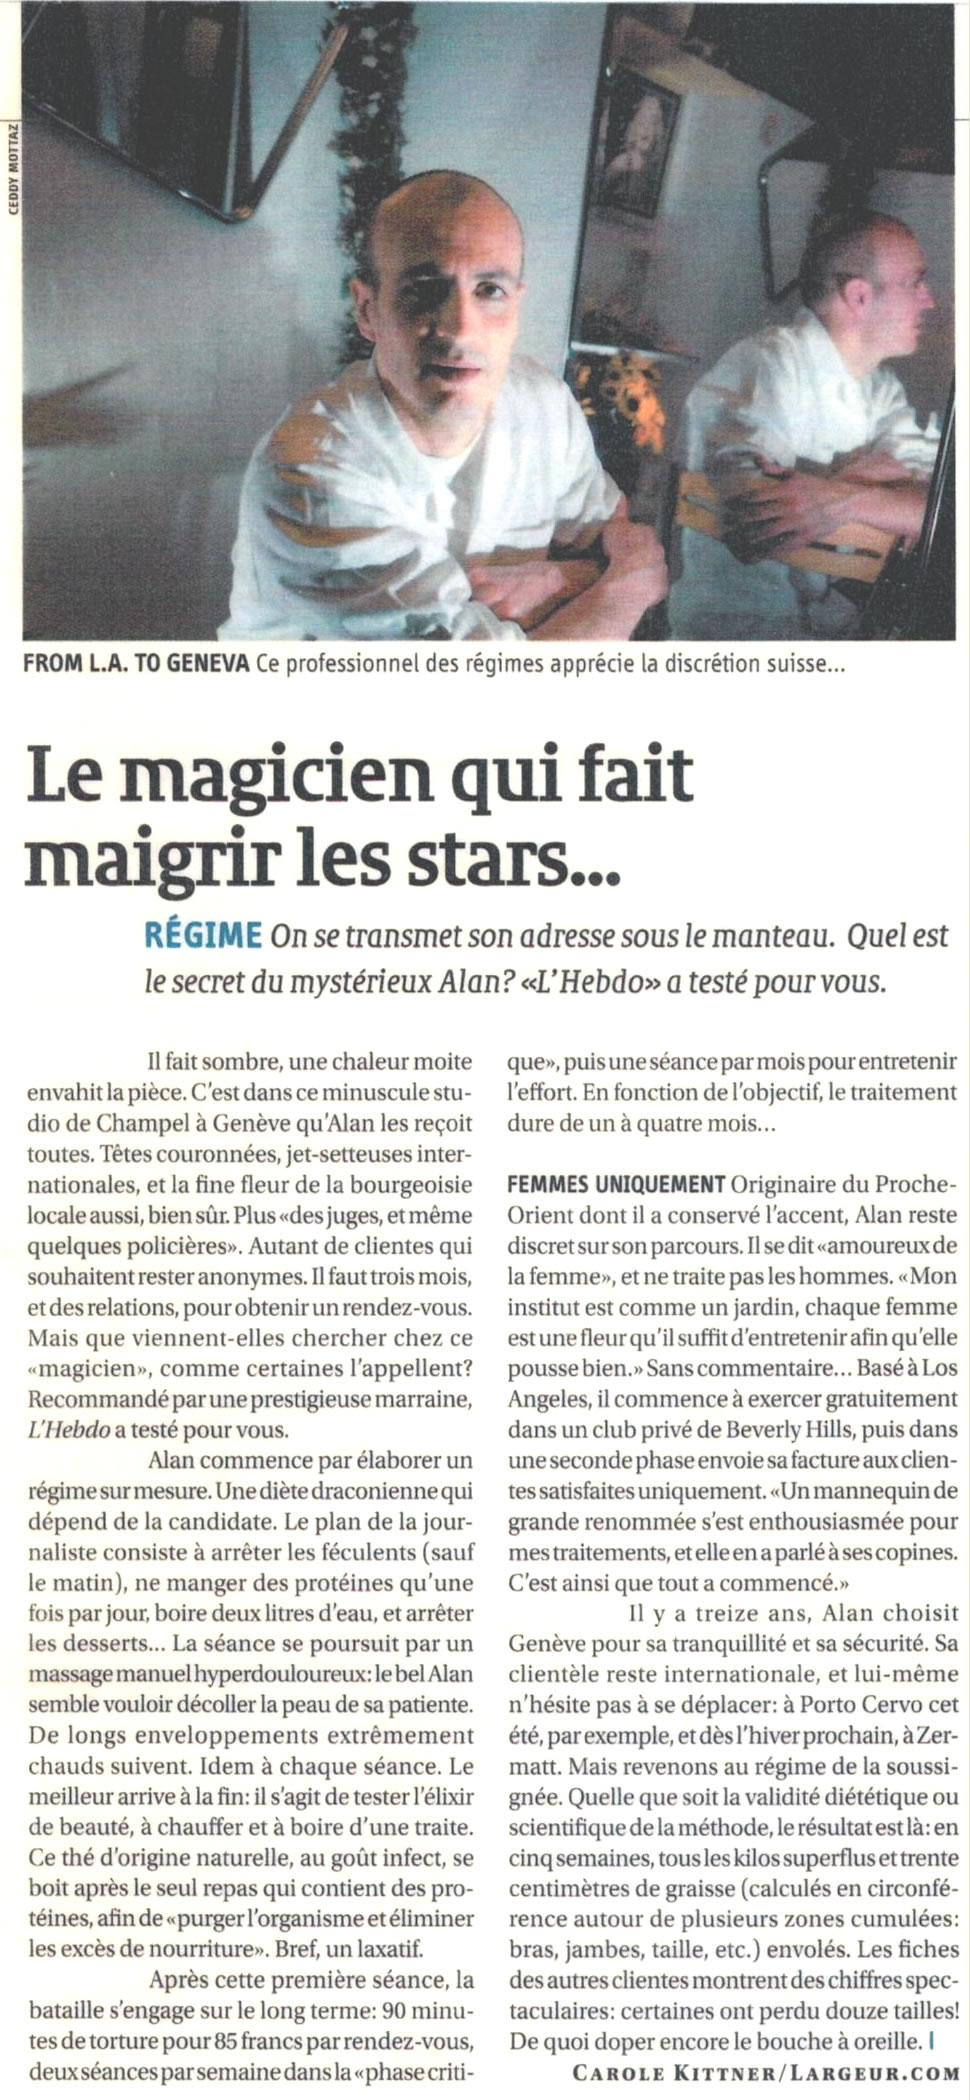 Le magicien qui fait maigrir les stars